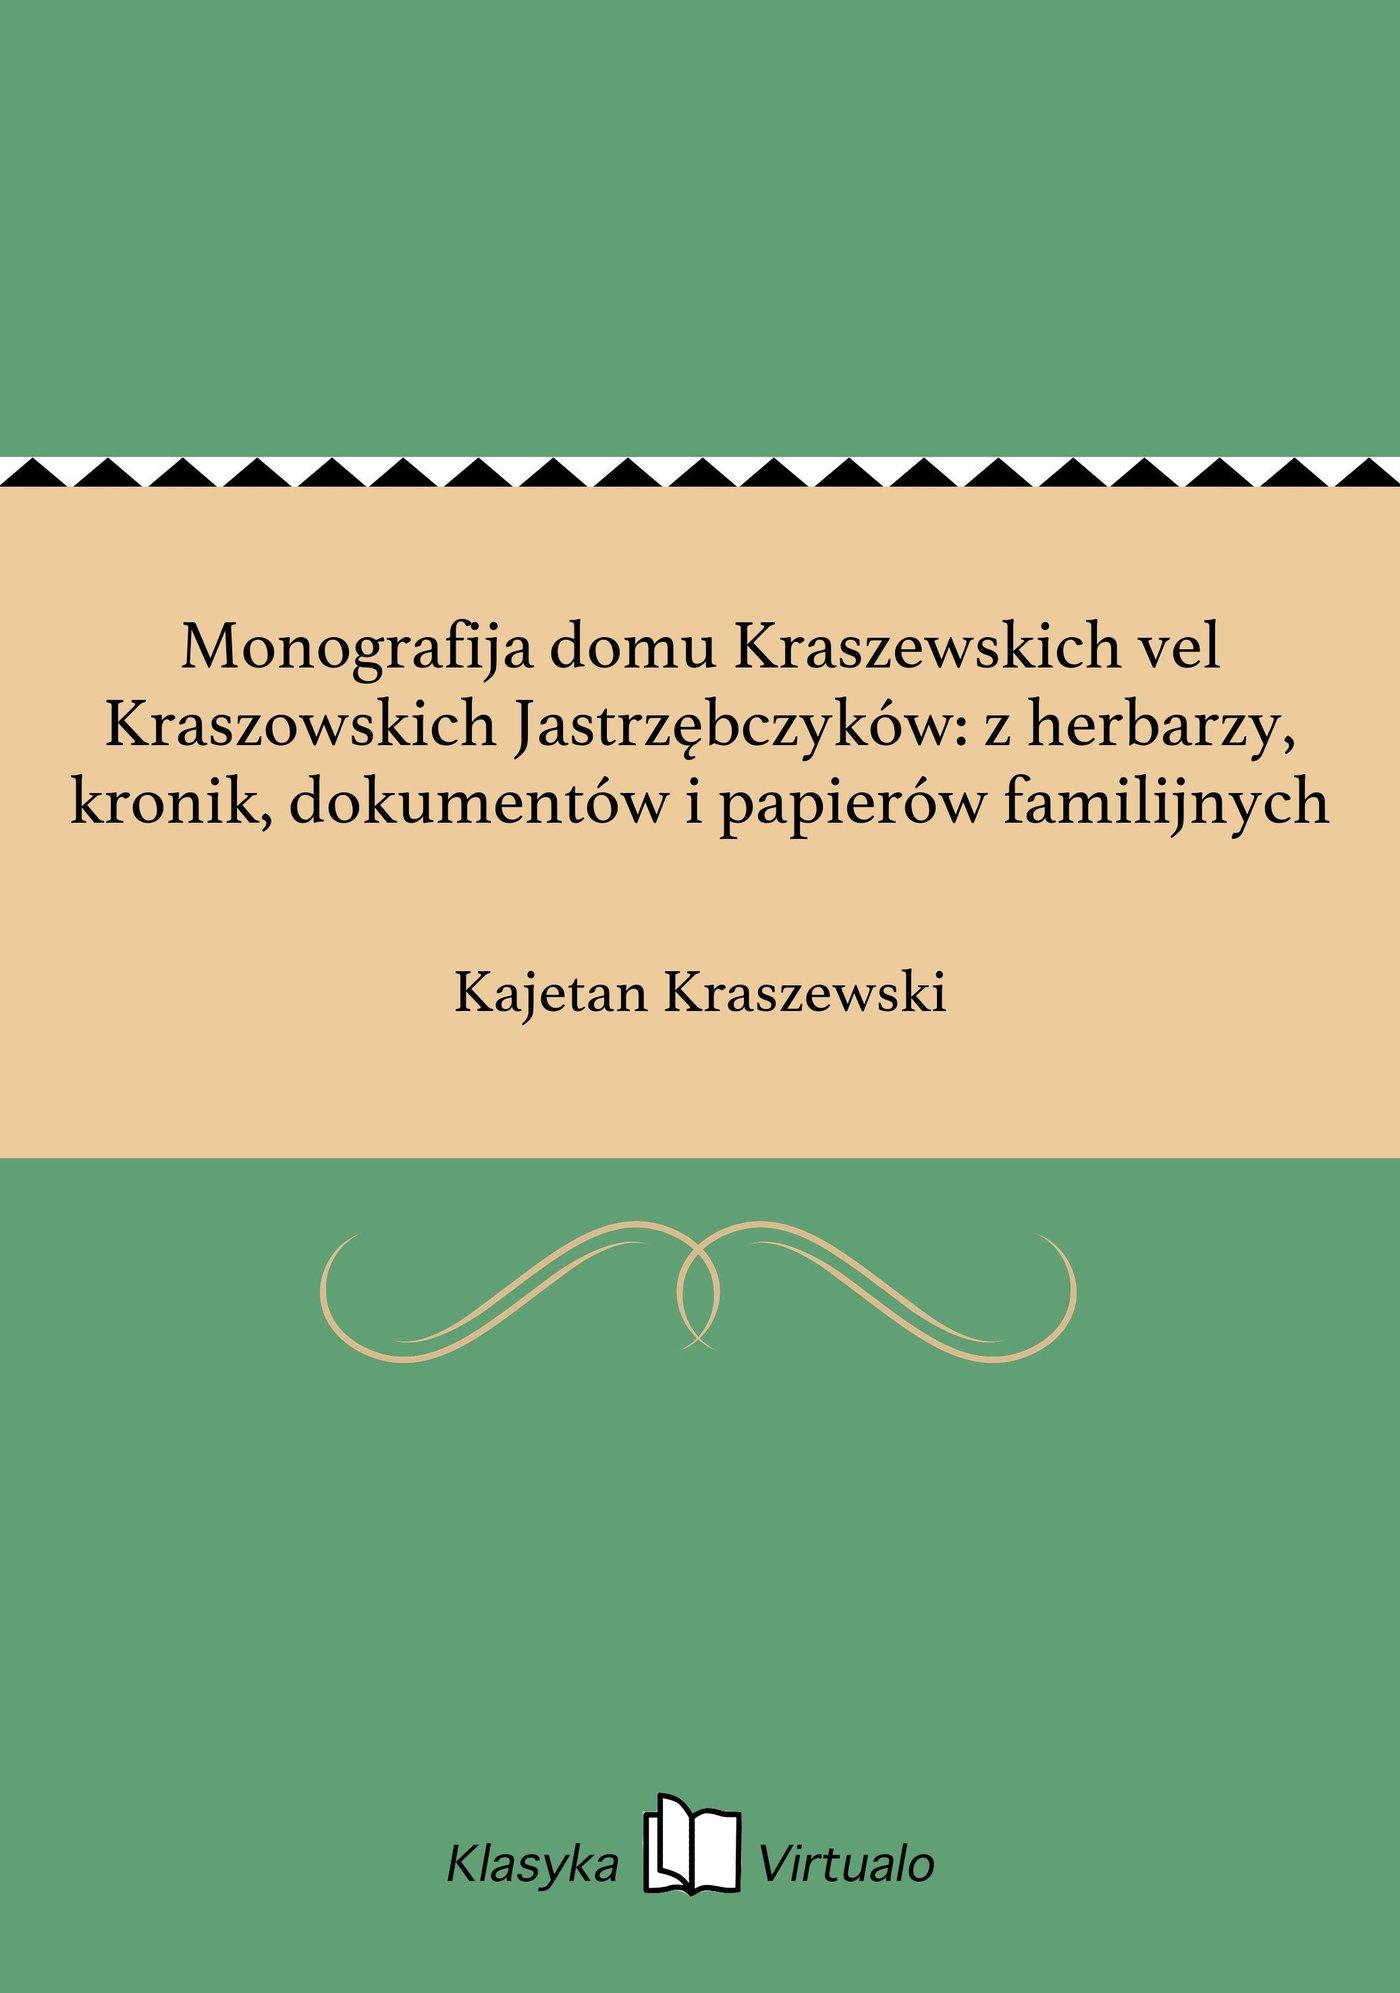 Monografija domu Kraszewskich vel Kraszowskich Jastrzębczyków: z herbarzy, kronik, dokumentów i papierów familijnych - Ebook (Książka EPUB) do pobrania w formacie EPUB